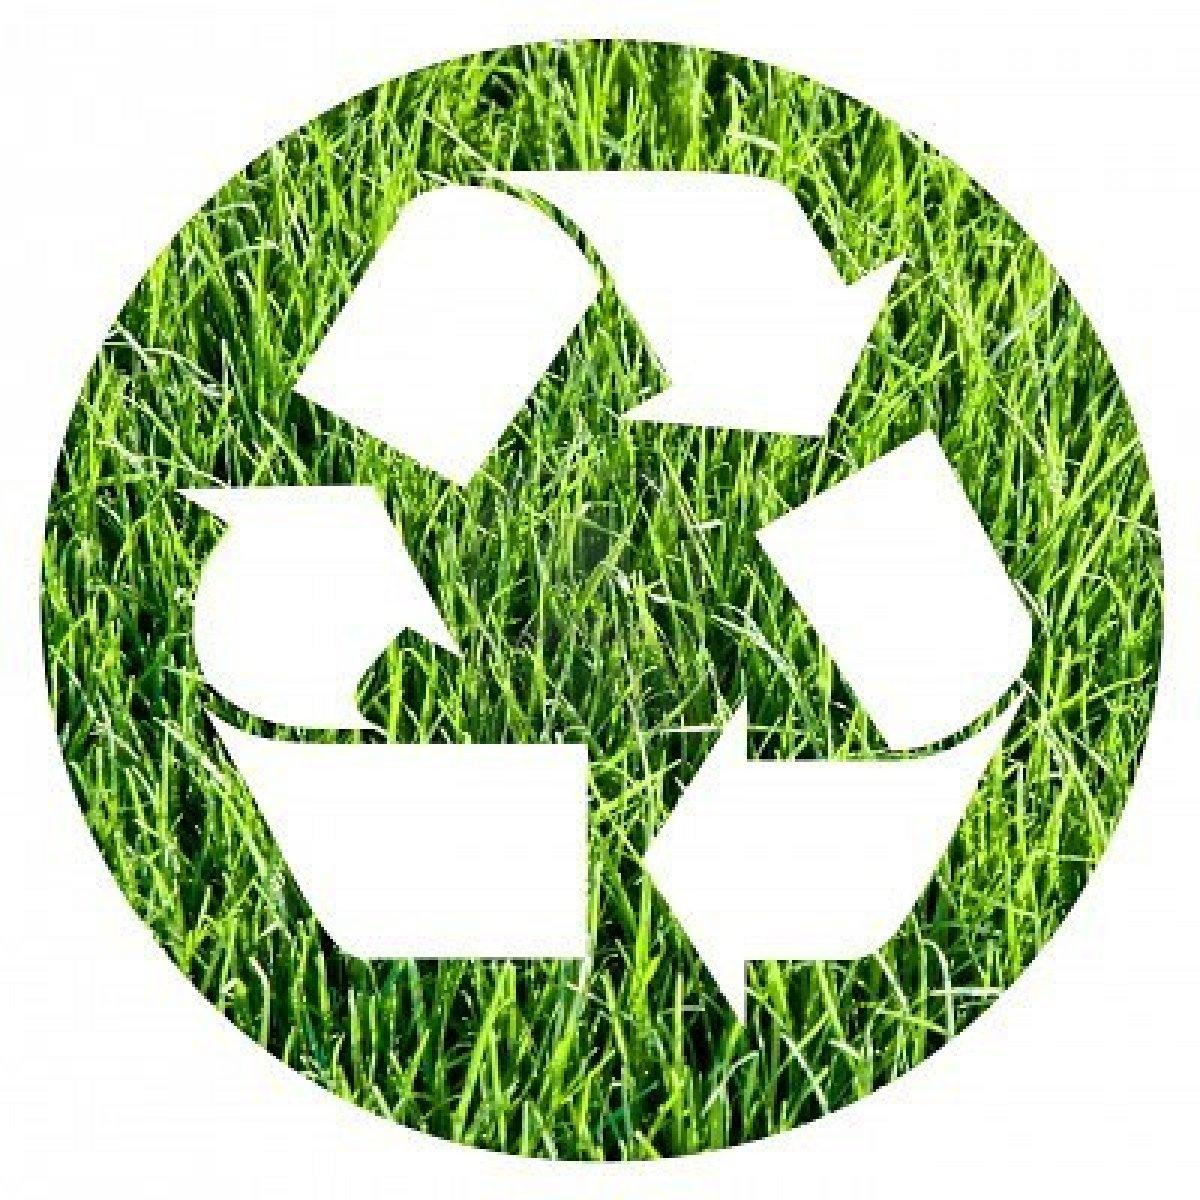 3102729-reciclar-simbolo-hecho-con-la-hierba